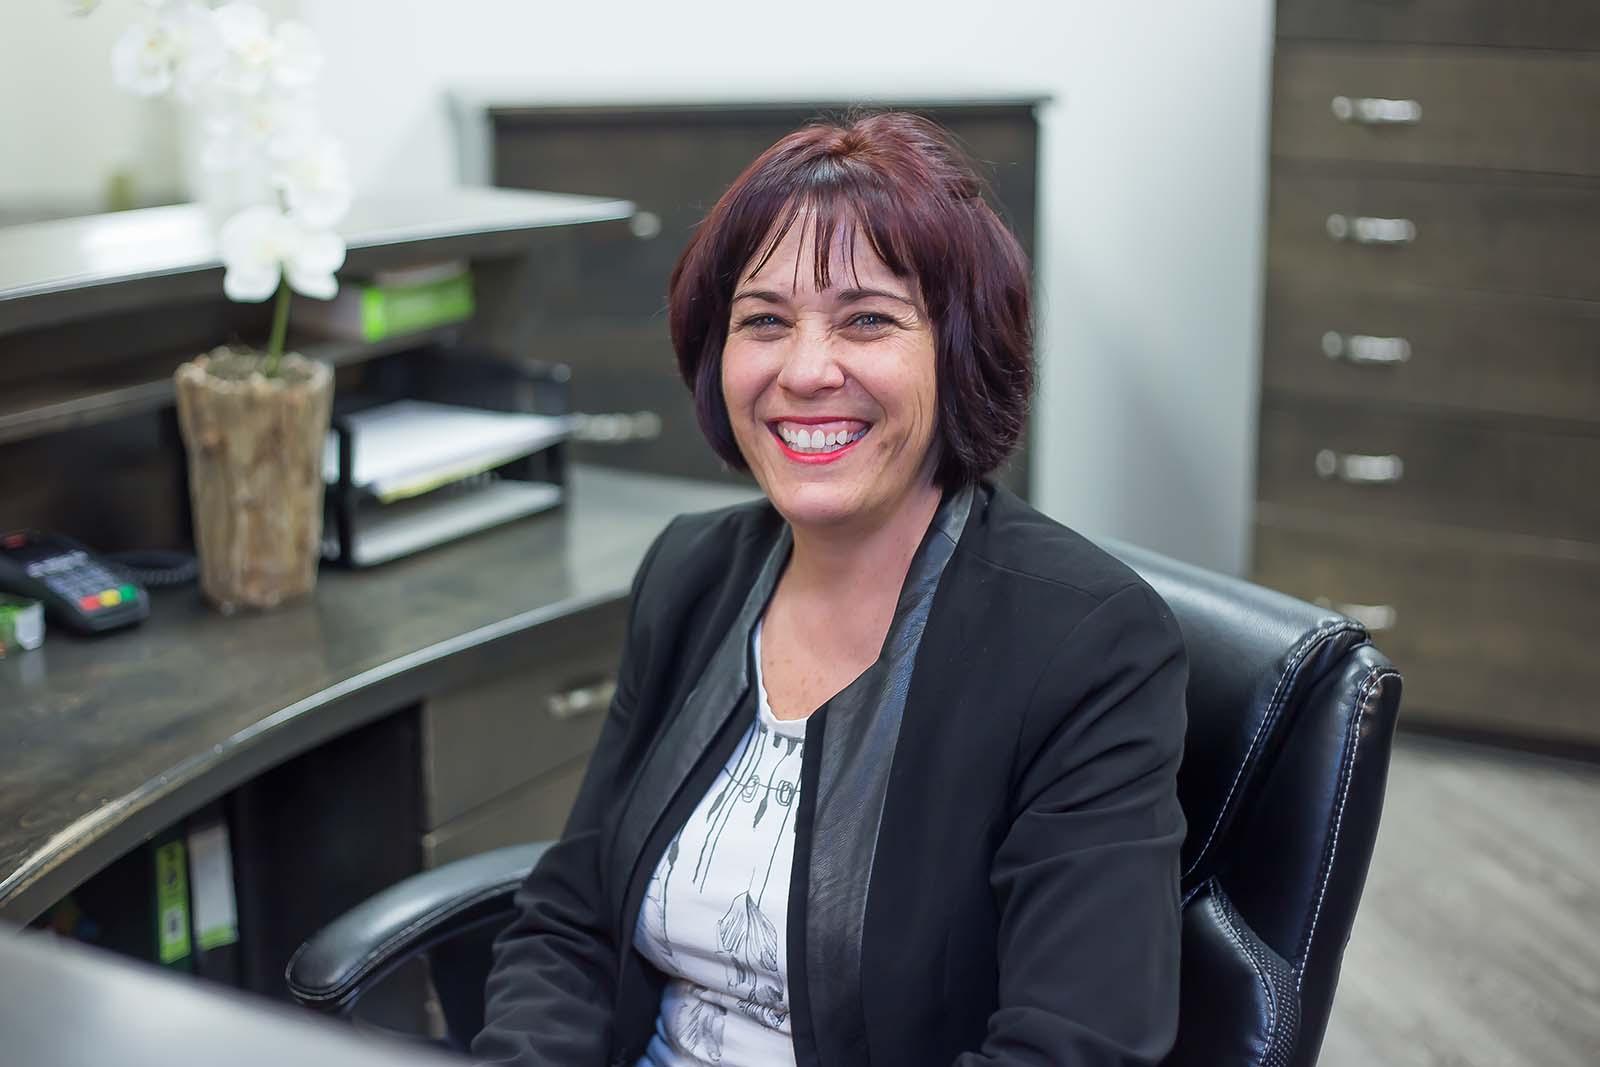 http://www.dentistedrummondville.com/wp-content/uploads/2015/12/Nathalie-gestionnaire.jpg